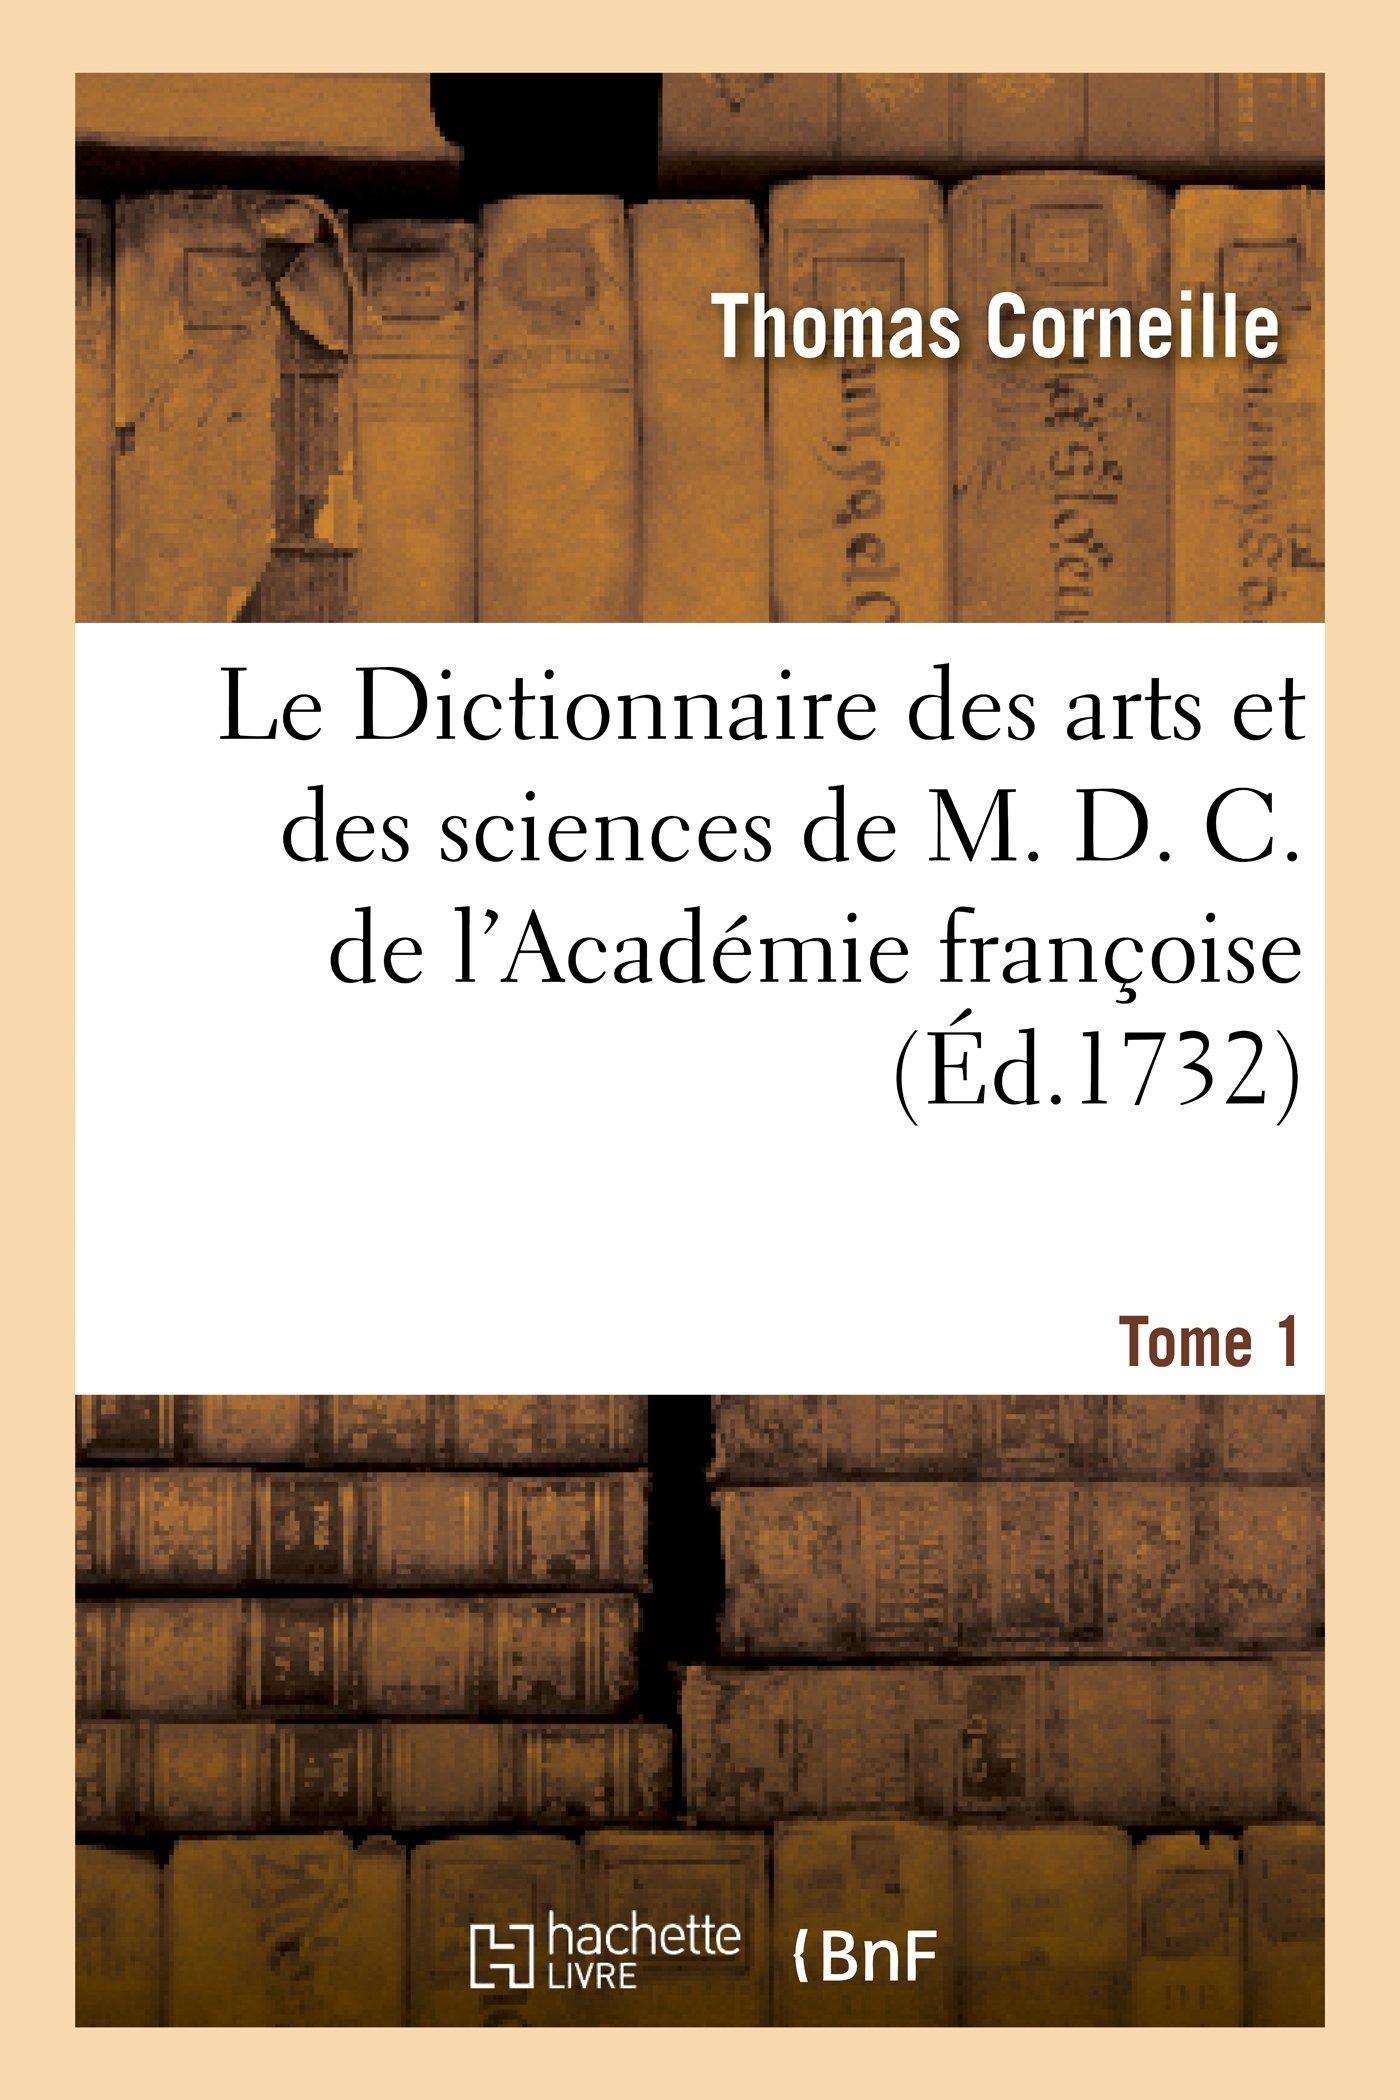 Le Dictionnaire Des Arts Et Des Sciences de M. D. C. de L'Academie Francoise.Tome 1 (Generalites) (French Edition) pdf